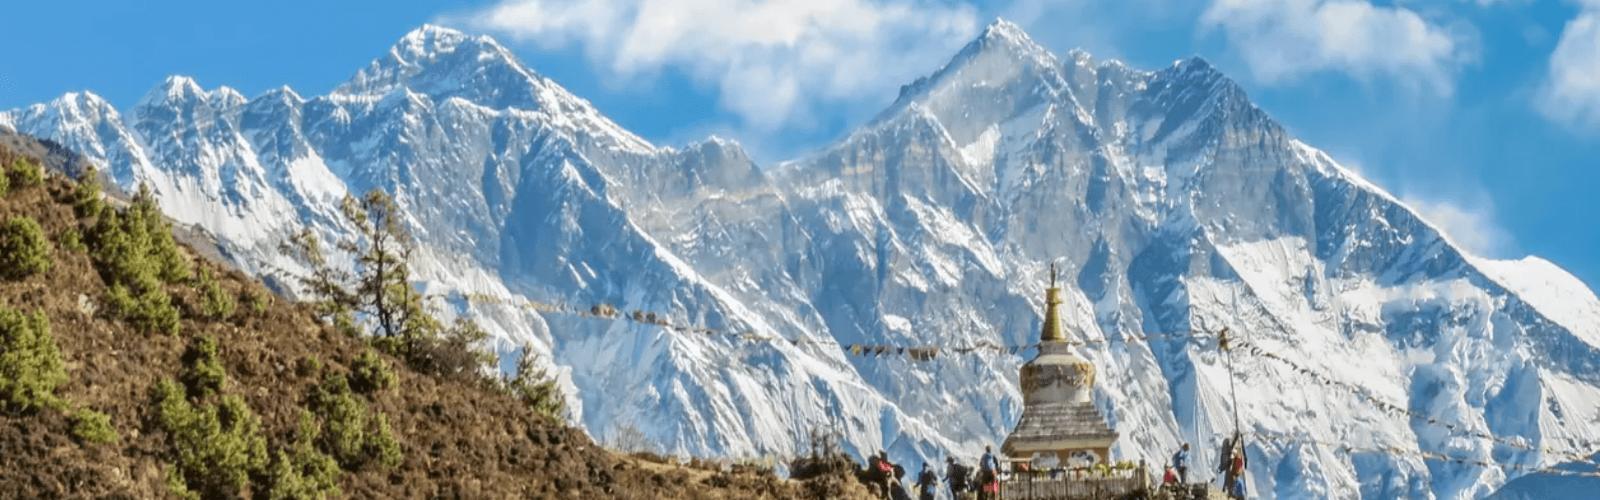 Edmund Hillary - Au sommet de l'Everest